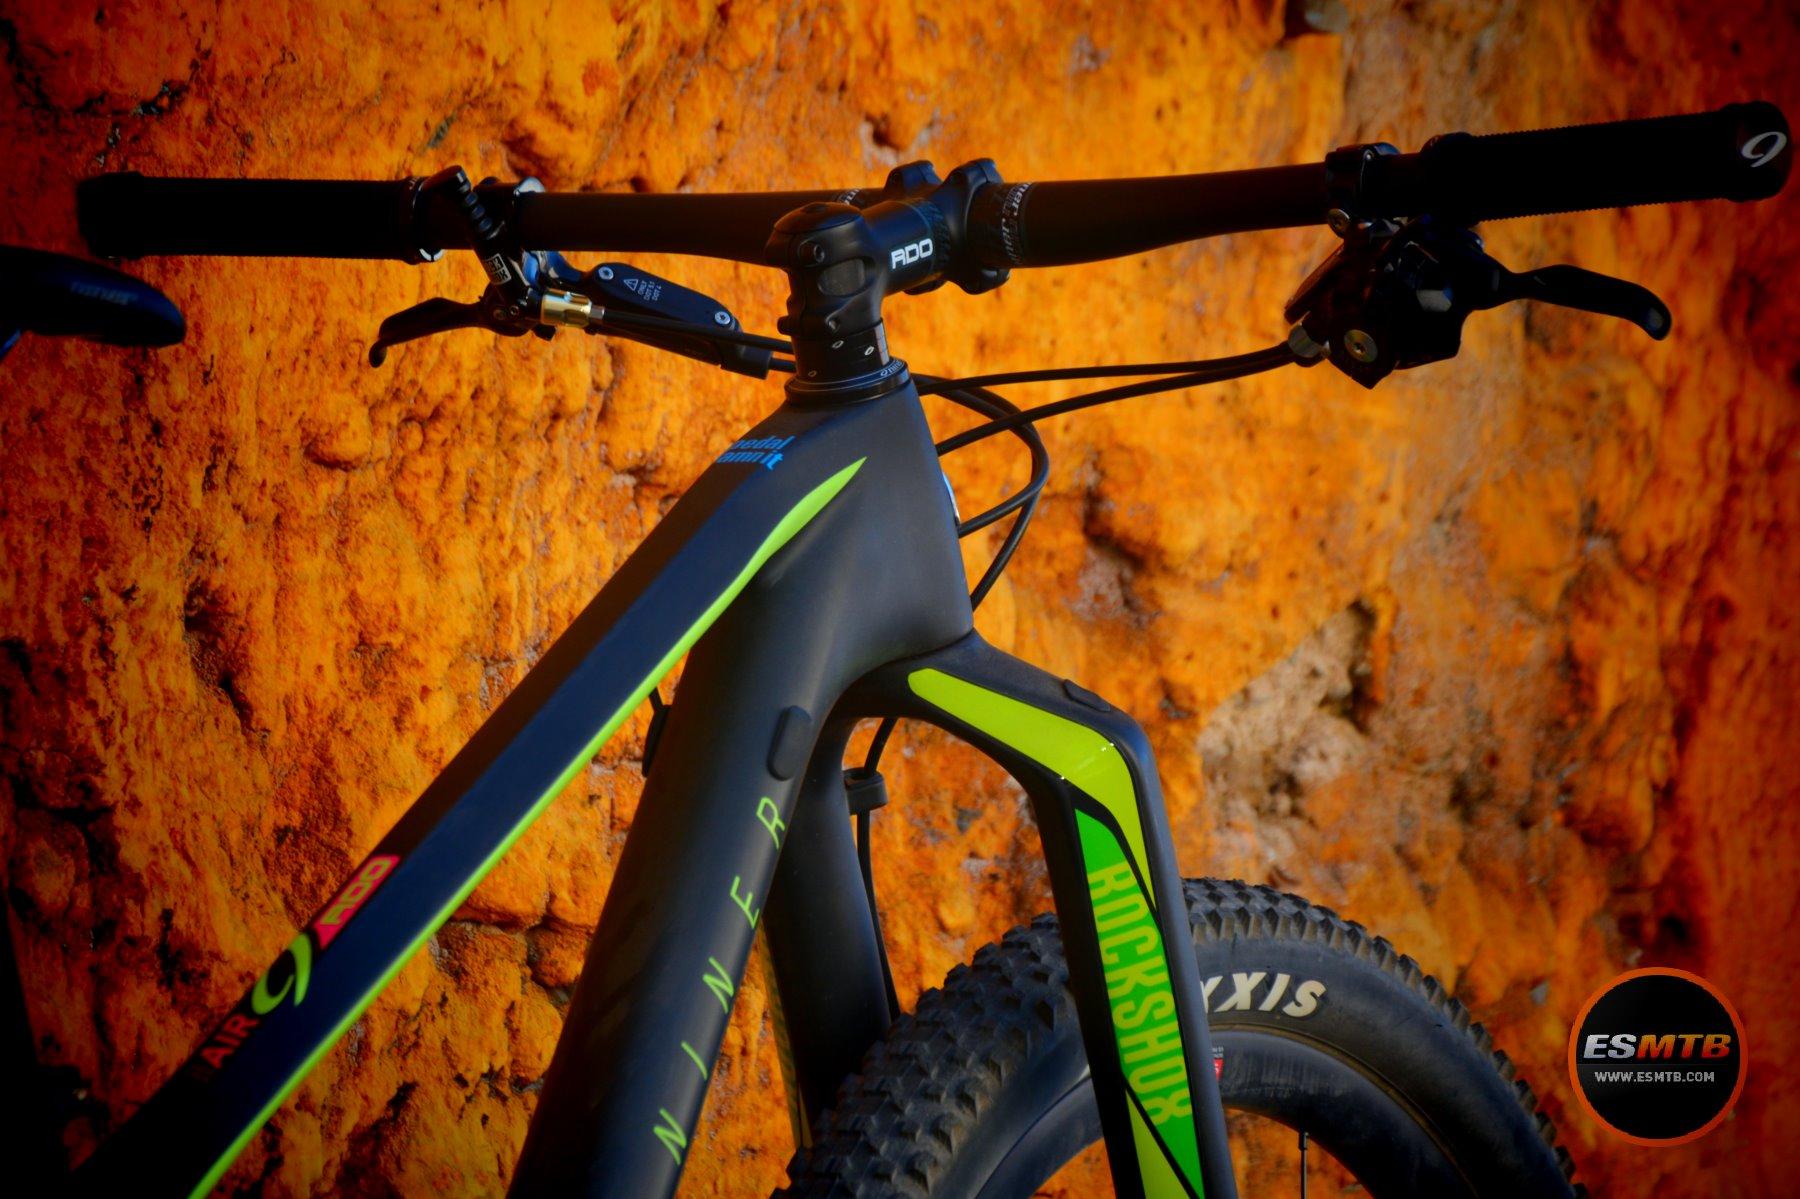 La RS1 marca la imagen de cualquier bicicleta